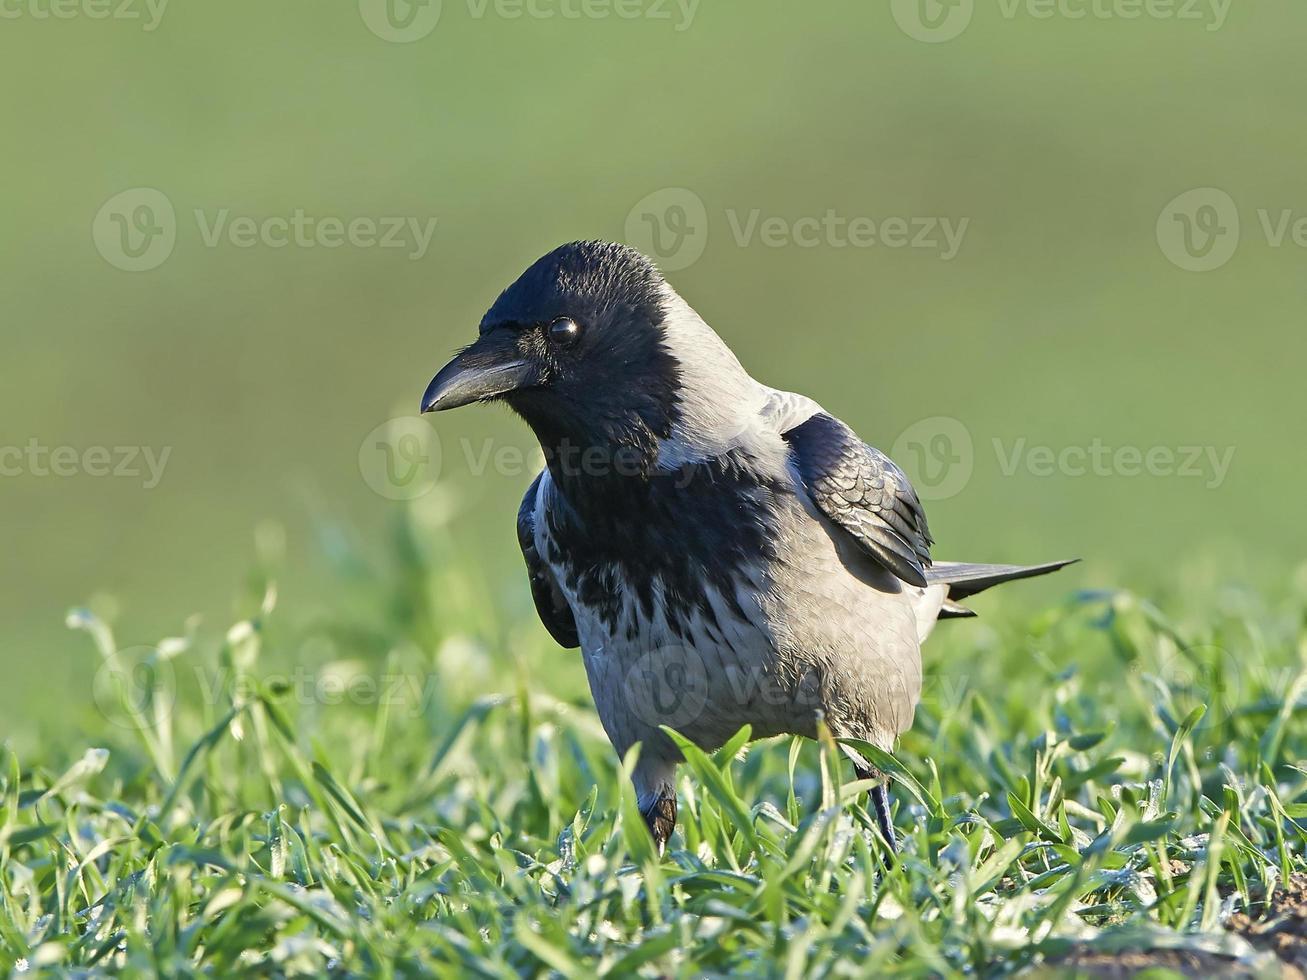 corvo com capuz (corvus cornix) foto